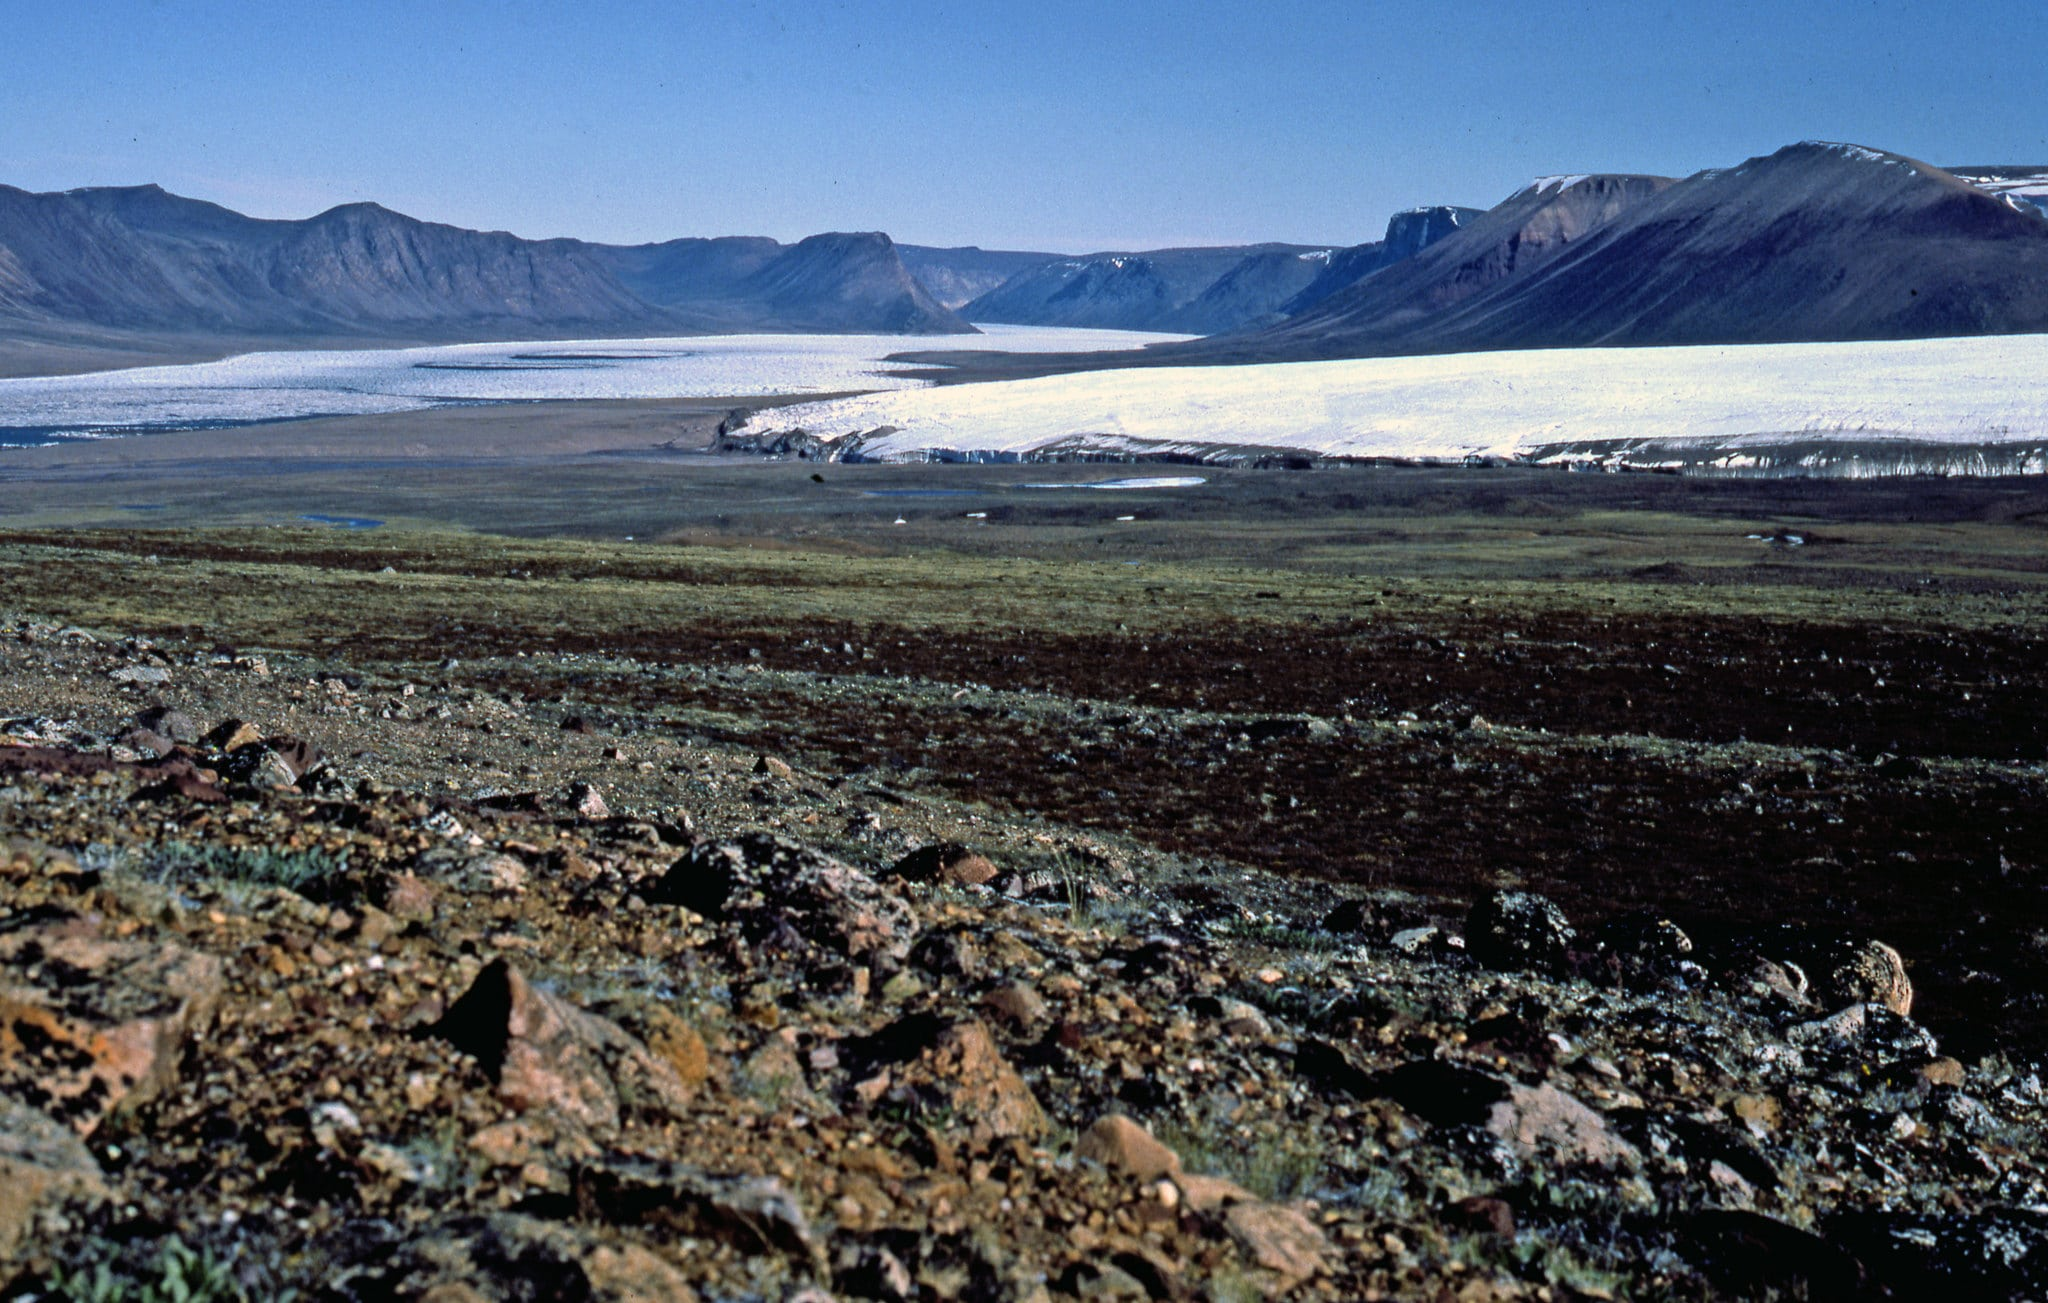 En el desierto polar hay escasa vegetación